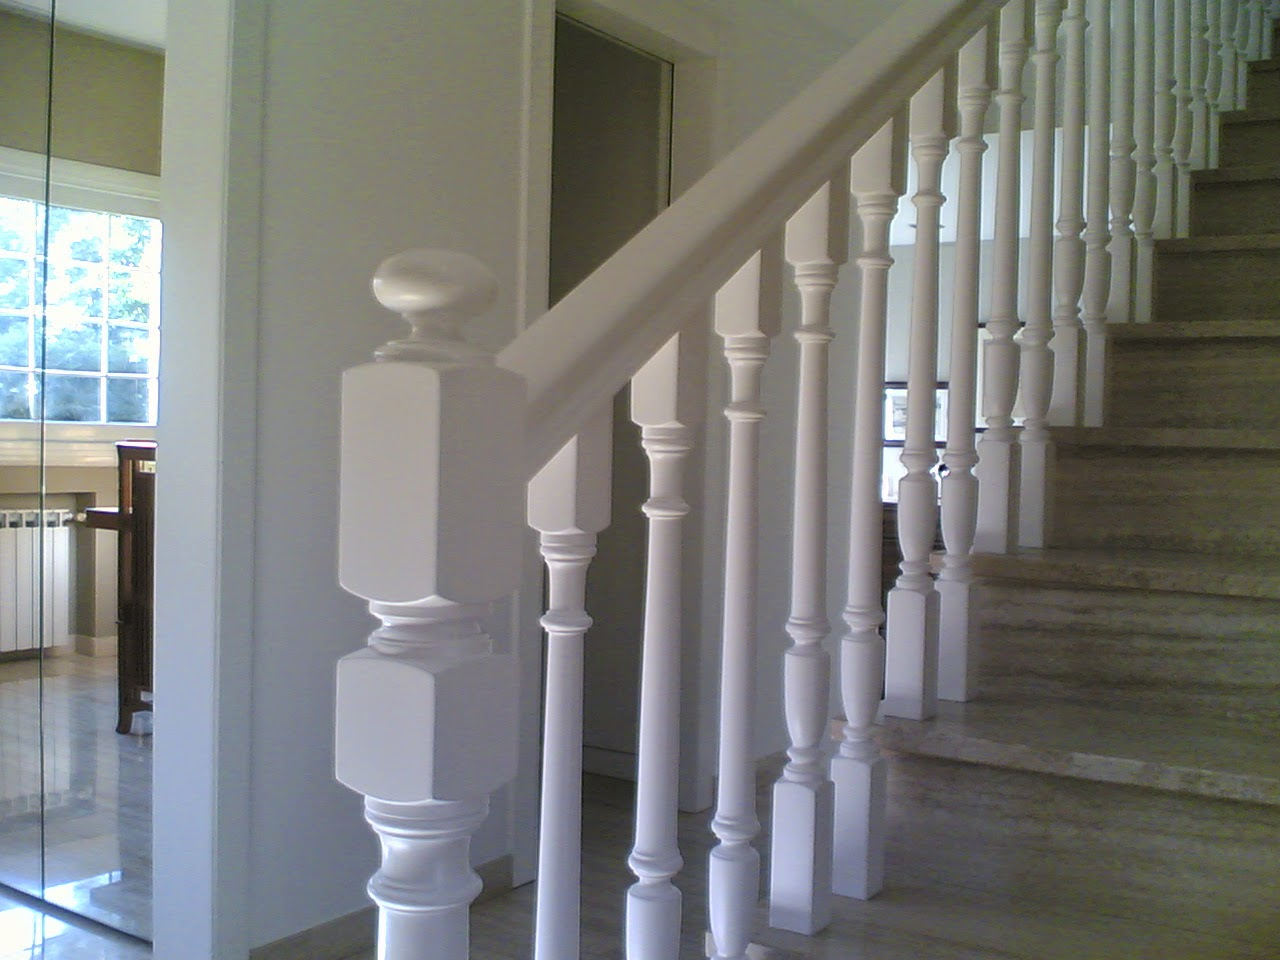 Barnizados gabriel perez barandas y escaleras - Escaleras blancas ...